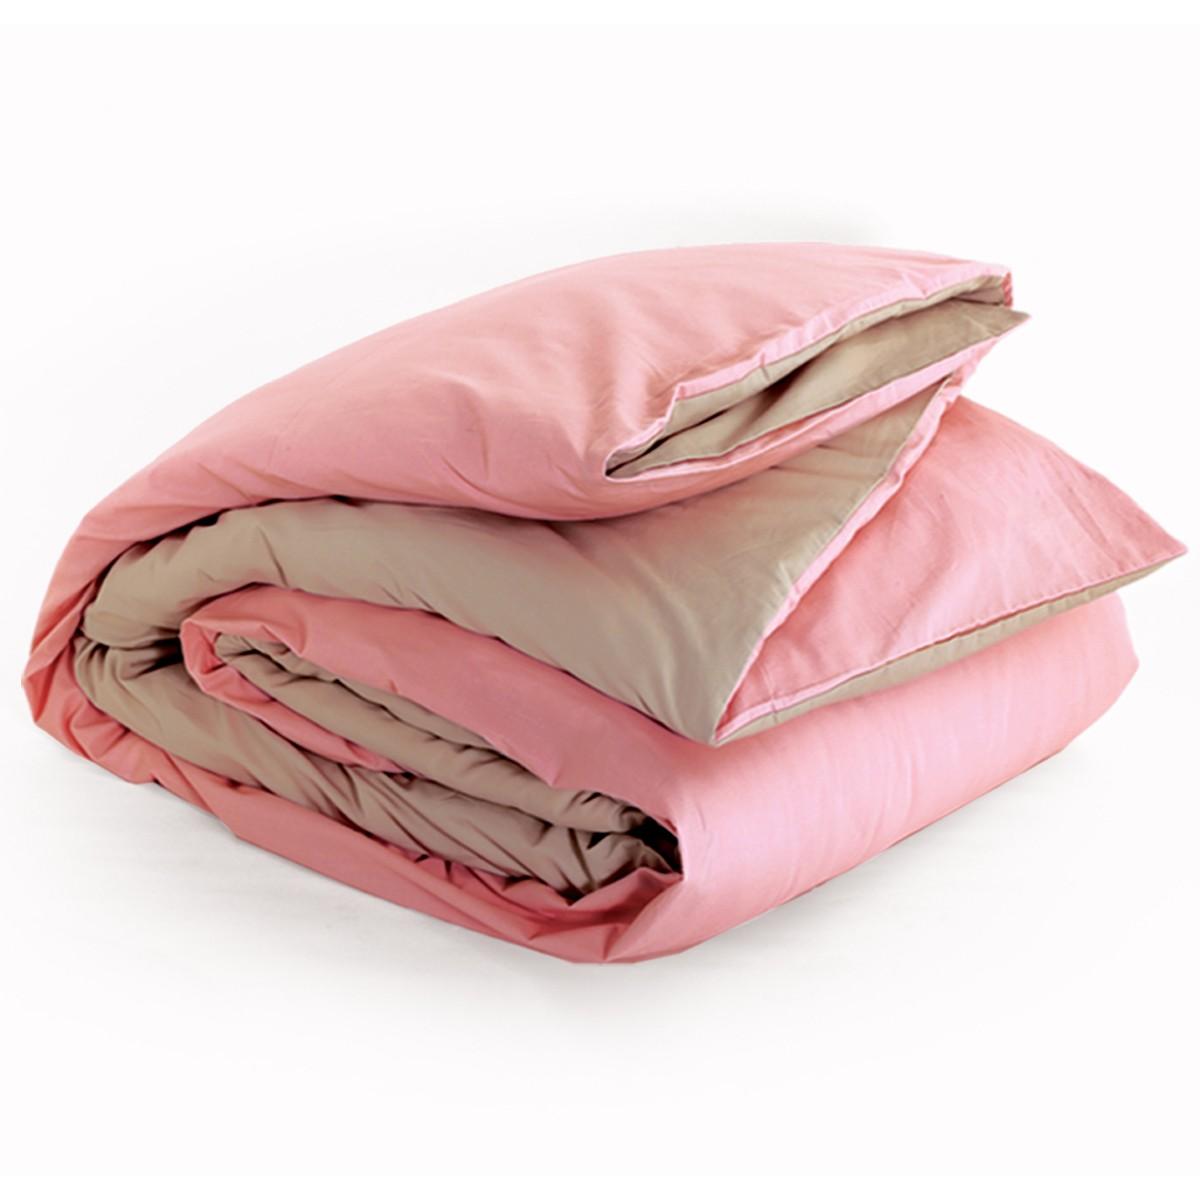 Παπλωματοθήκη Μονή 2 Όψεων Nef-Nef Bicolor Pink/Beige 76135